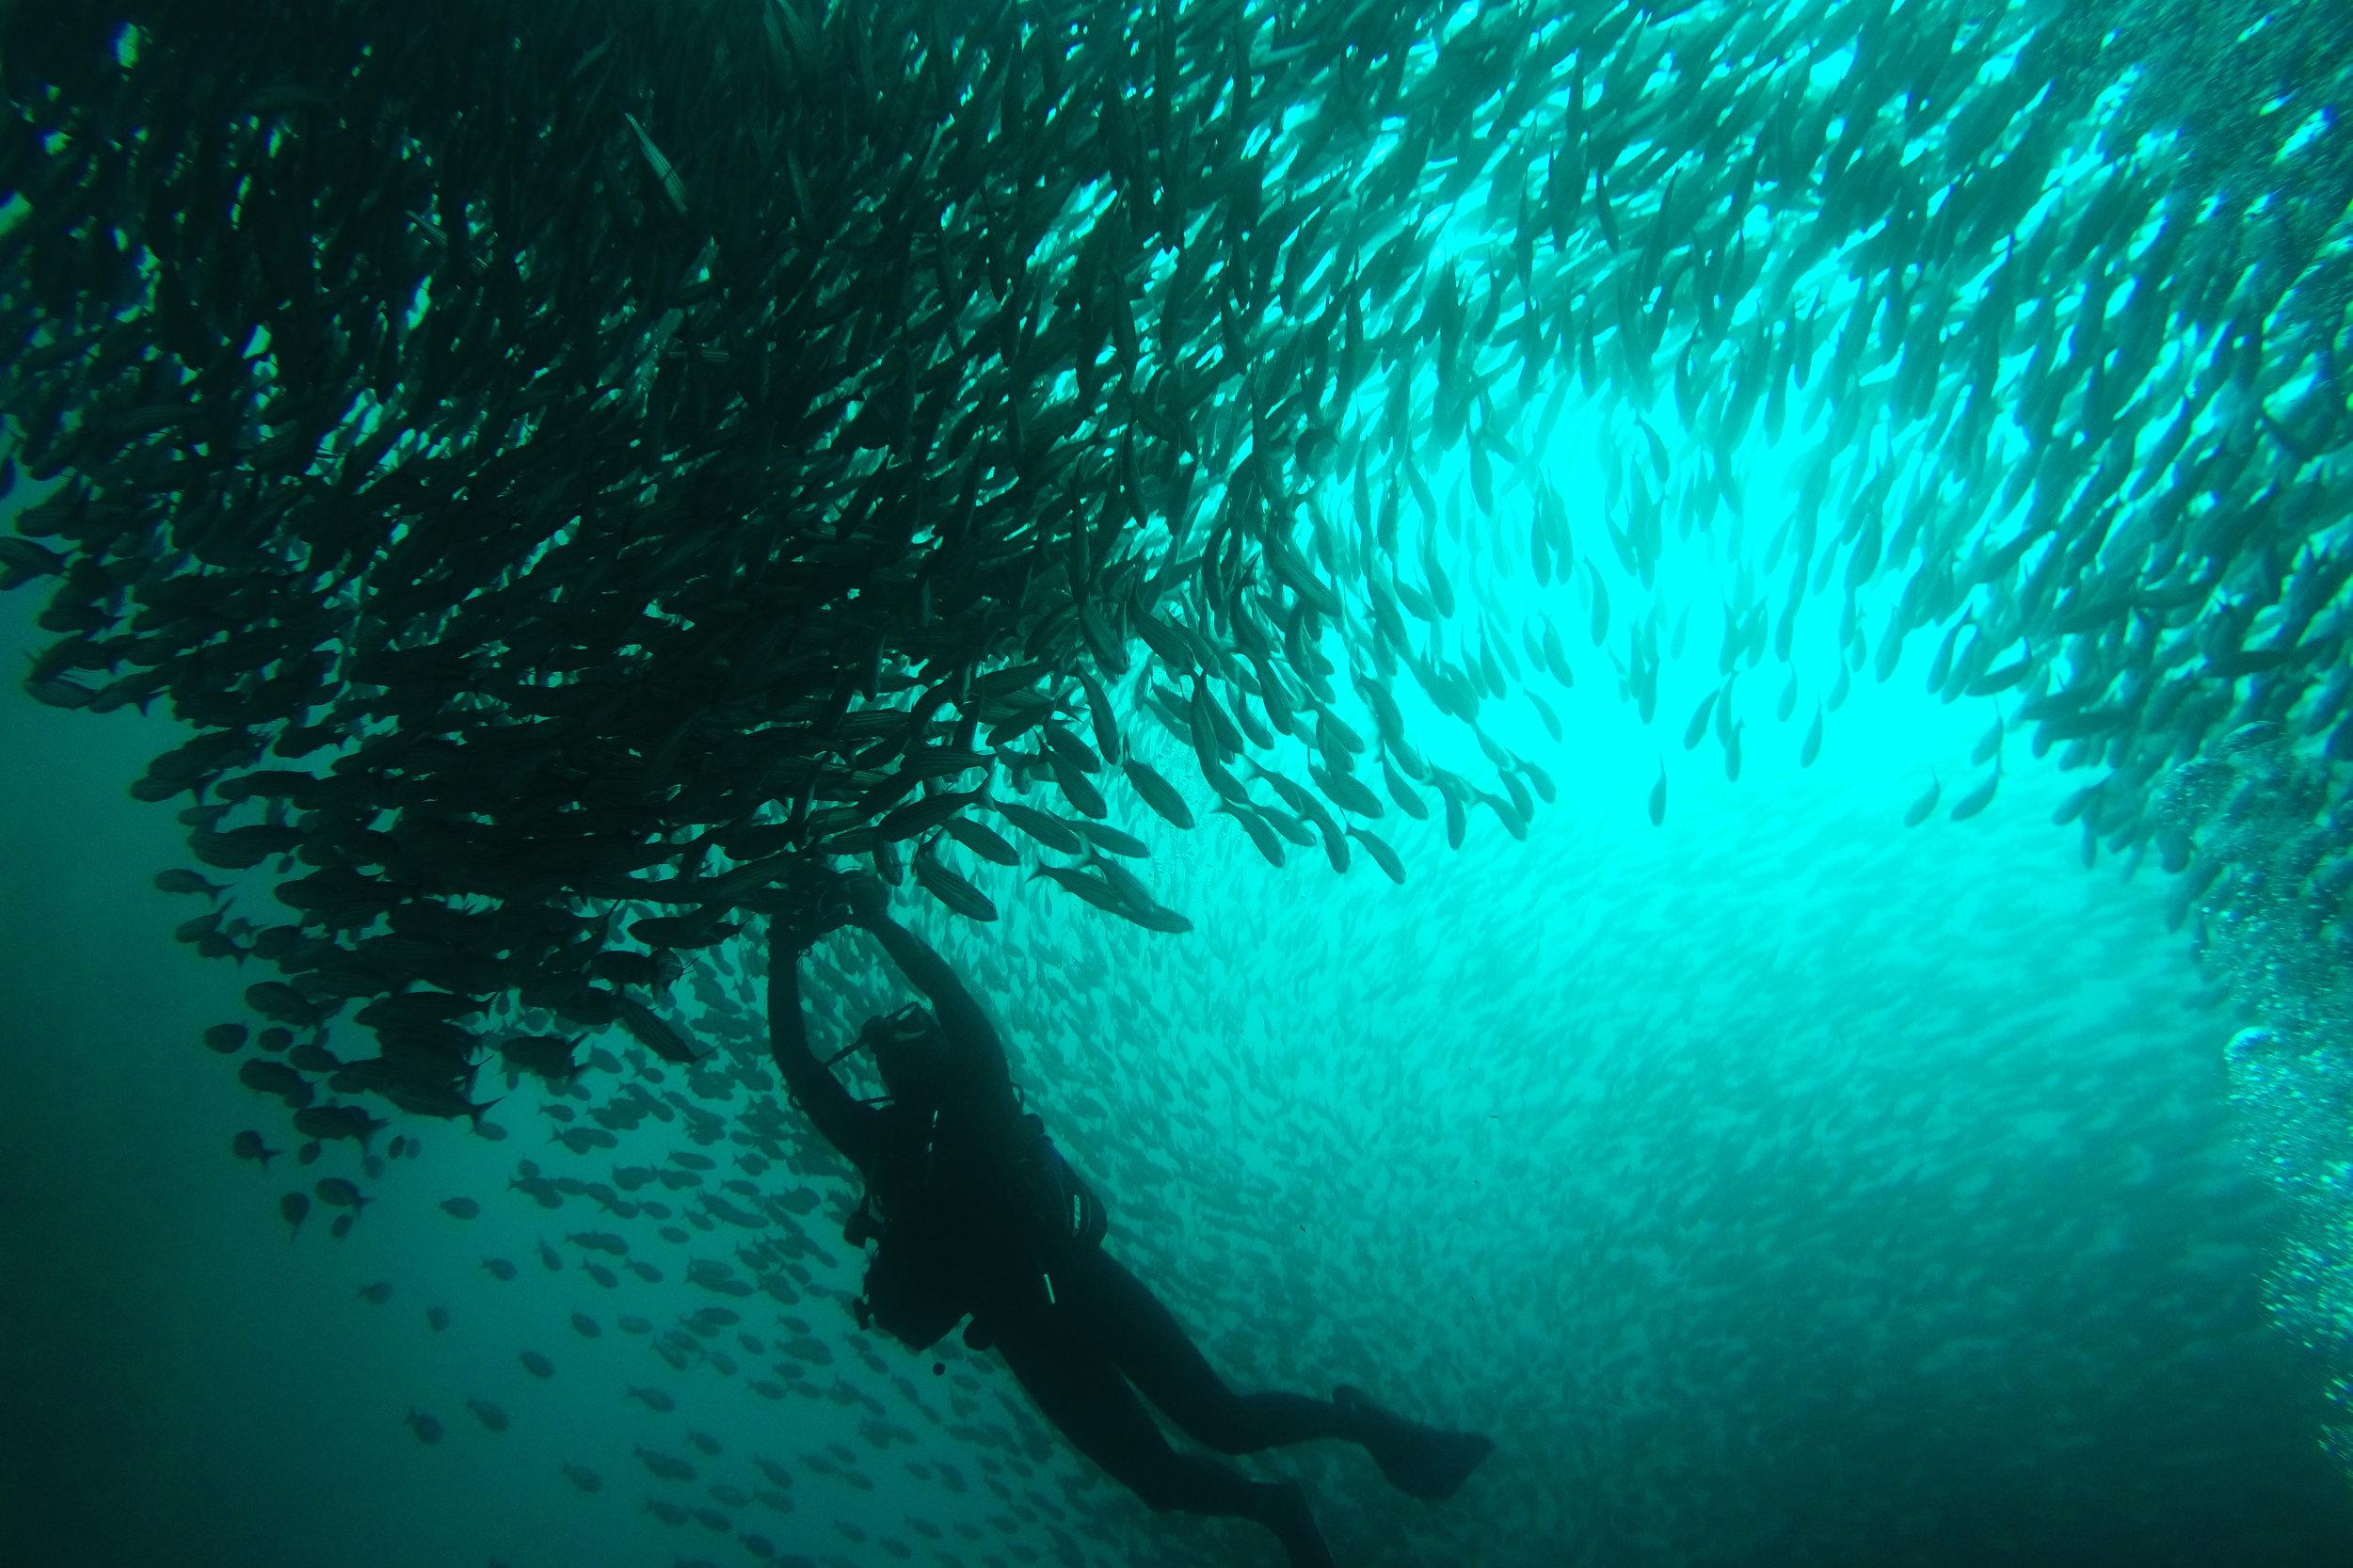 Photographing a massive school of fish at León Dormido, Galápagos Islands | October 2015